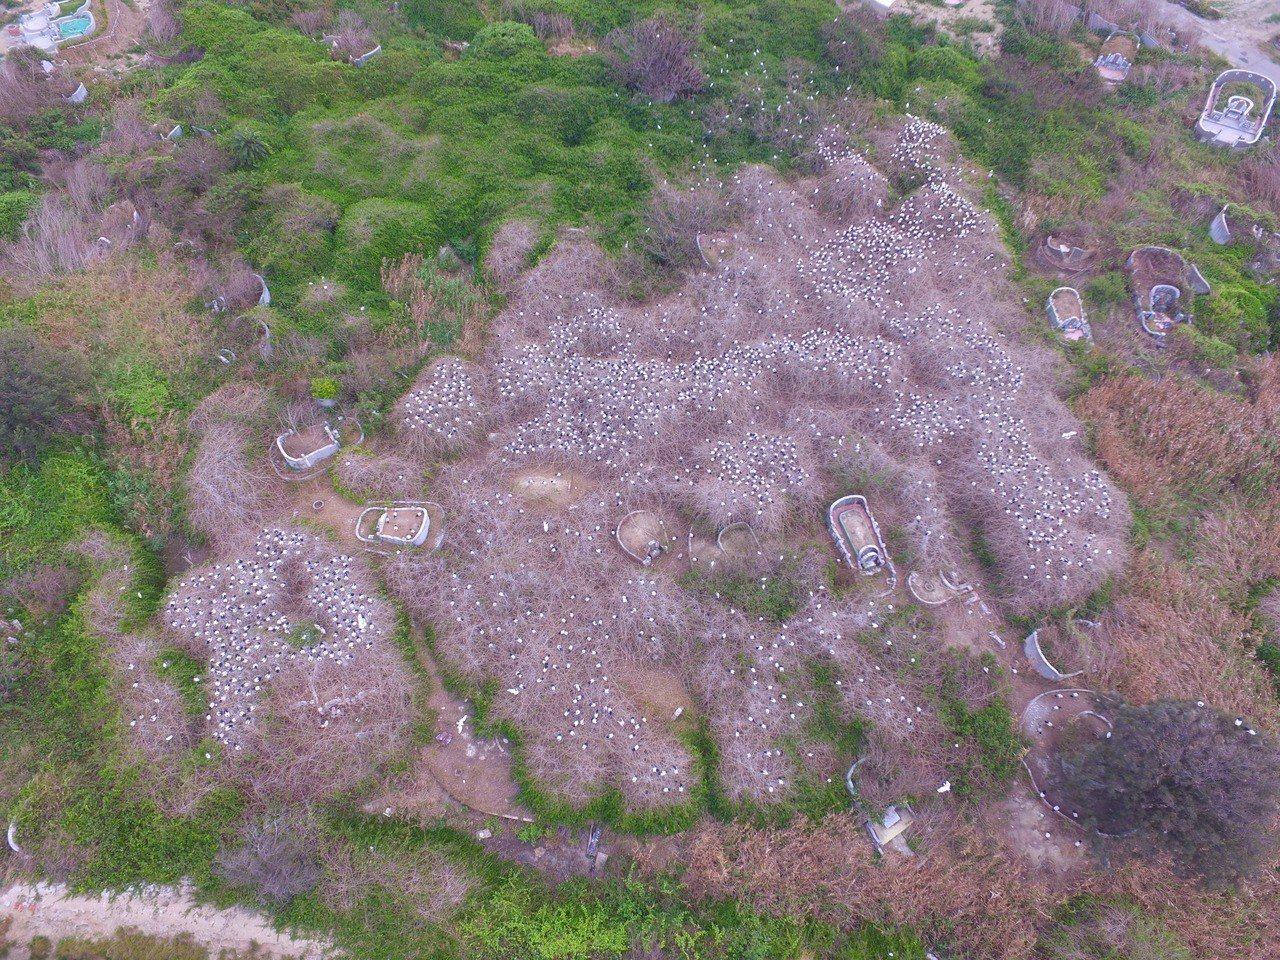 嘉義縣沿海東石鄉某公墓,發現龐大埃及聖䴉繁殖巢區,景象驚人。圖/陳建樺提供